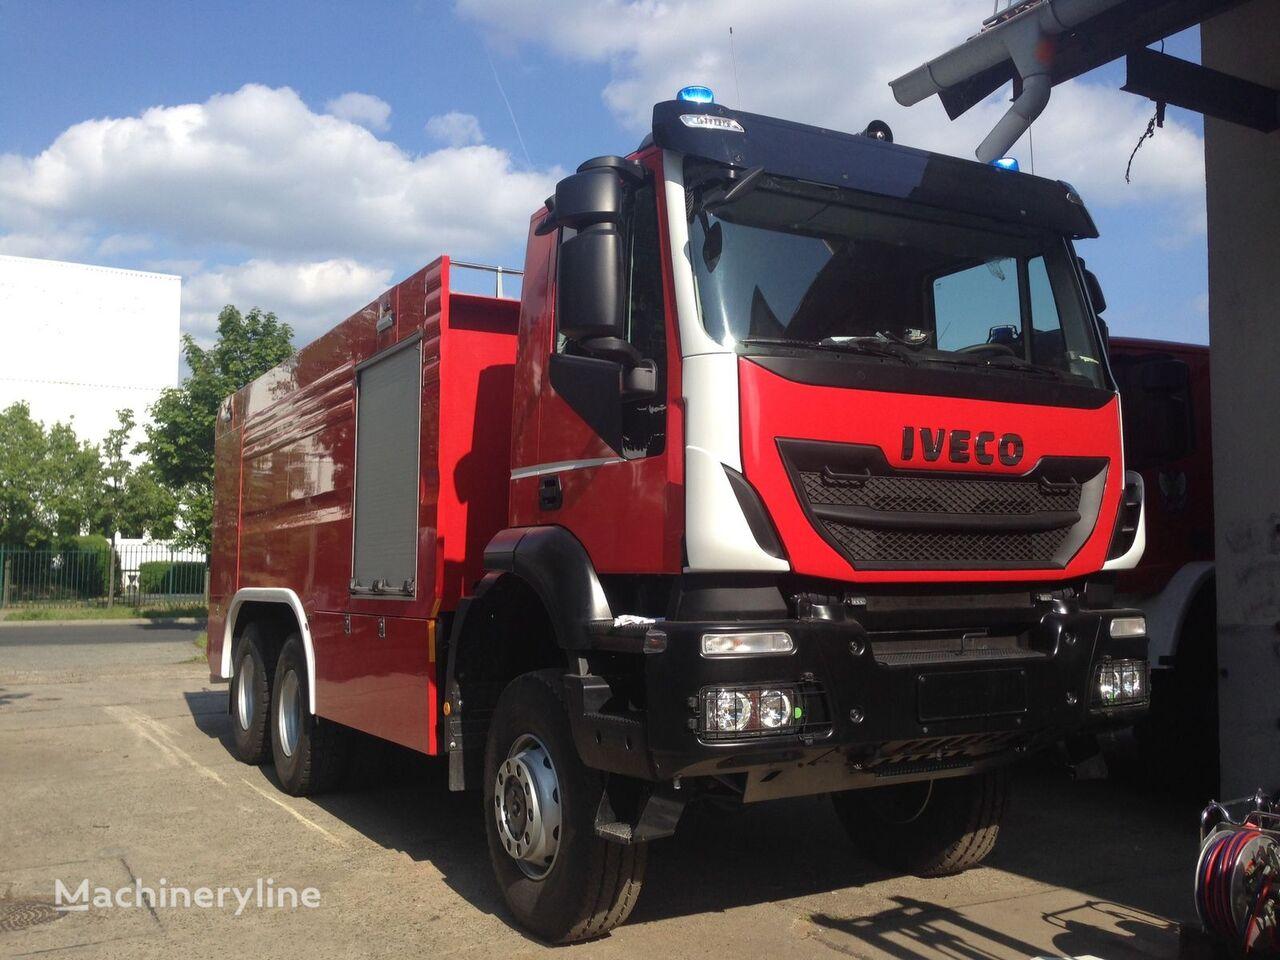 new IVECO Trakker GTLF 13.000 L + 1.000 L fire truck